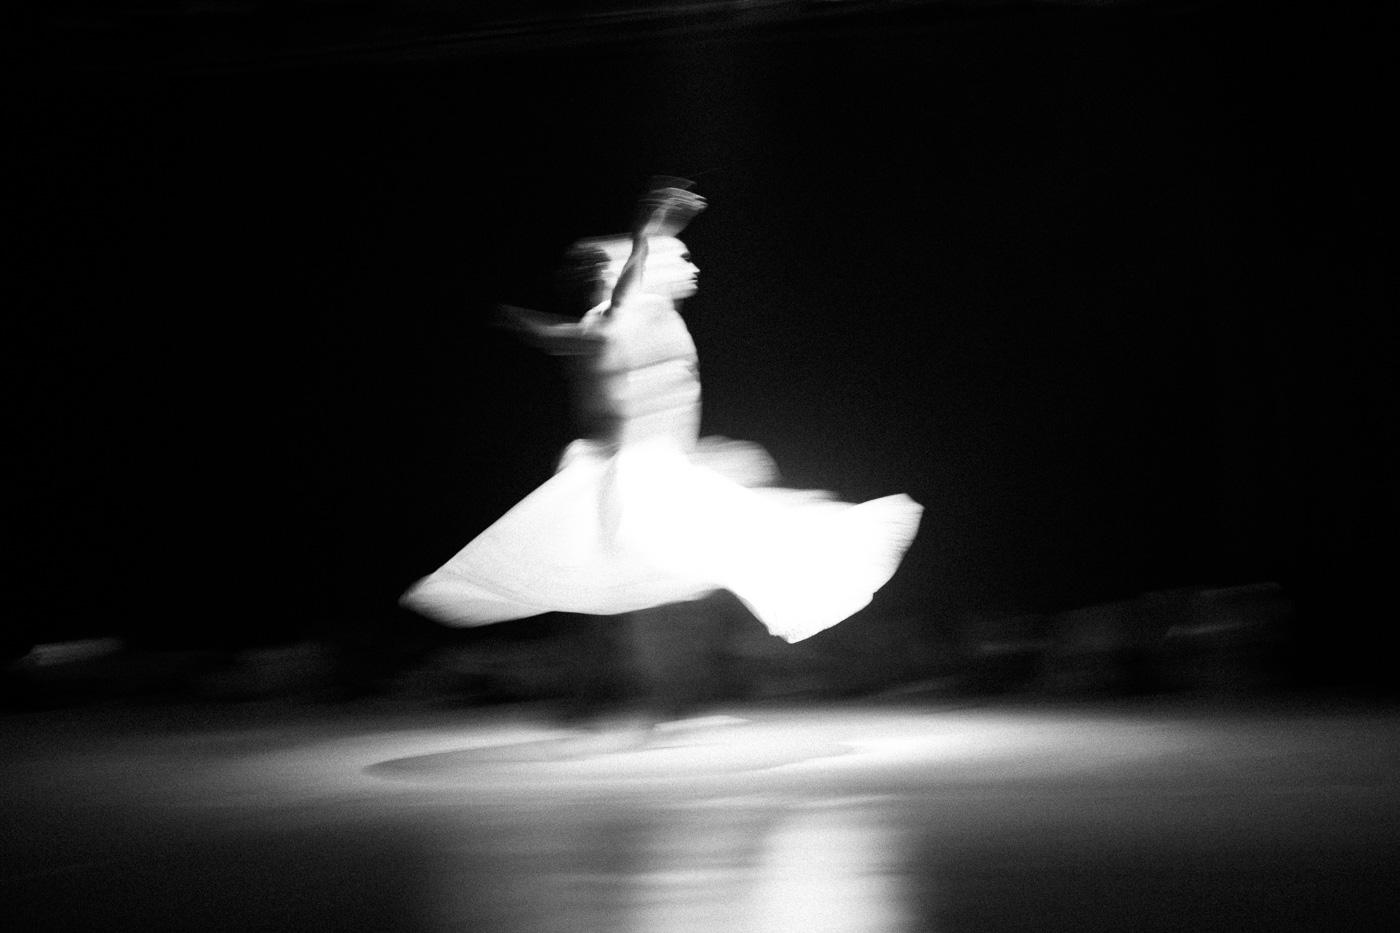 SebastianDahl-19-SEBD9570-Sima dance show.jpg